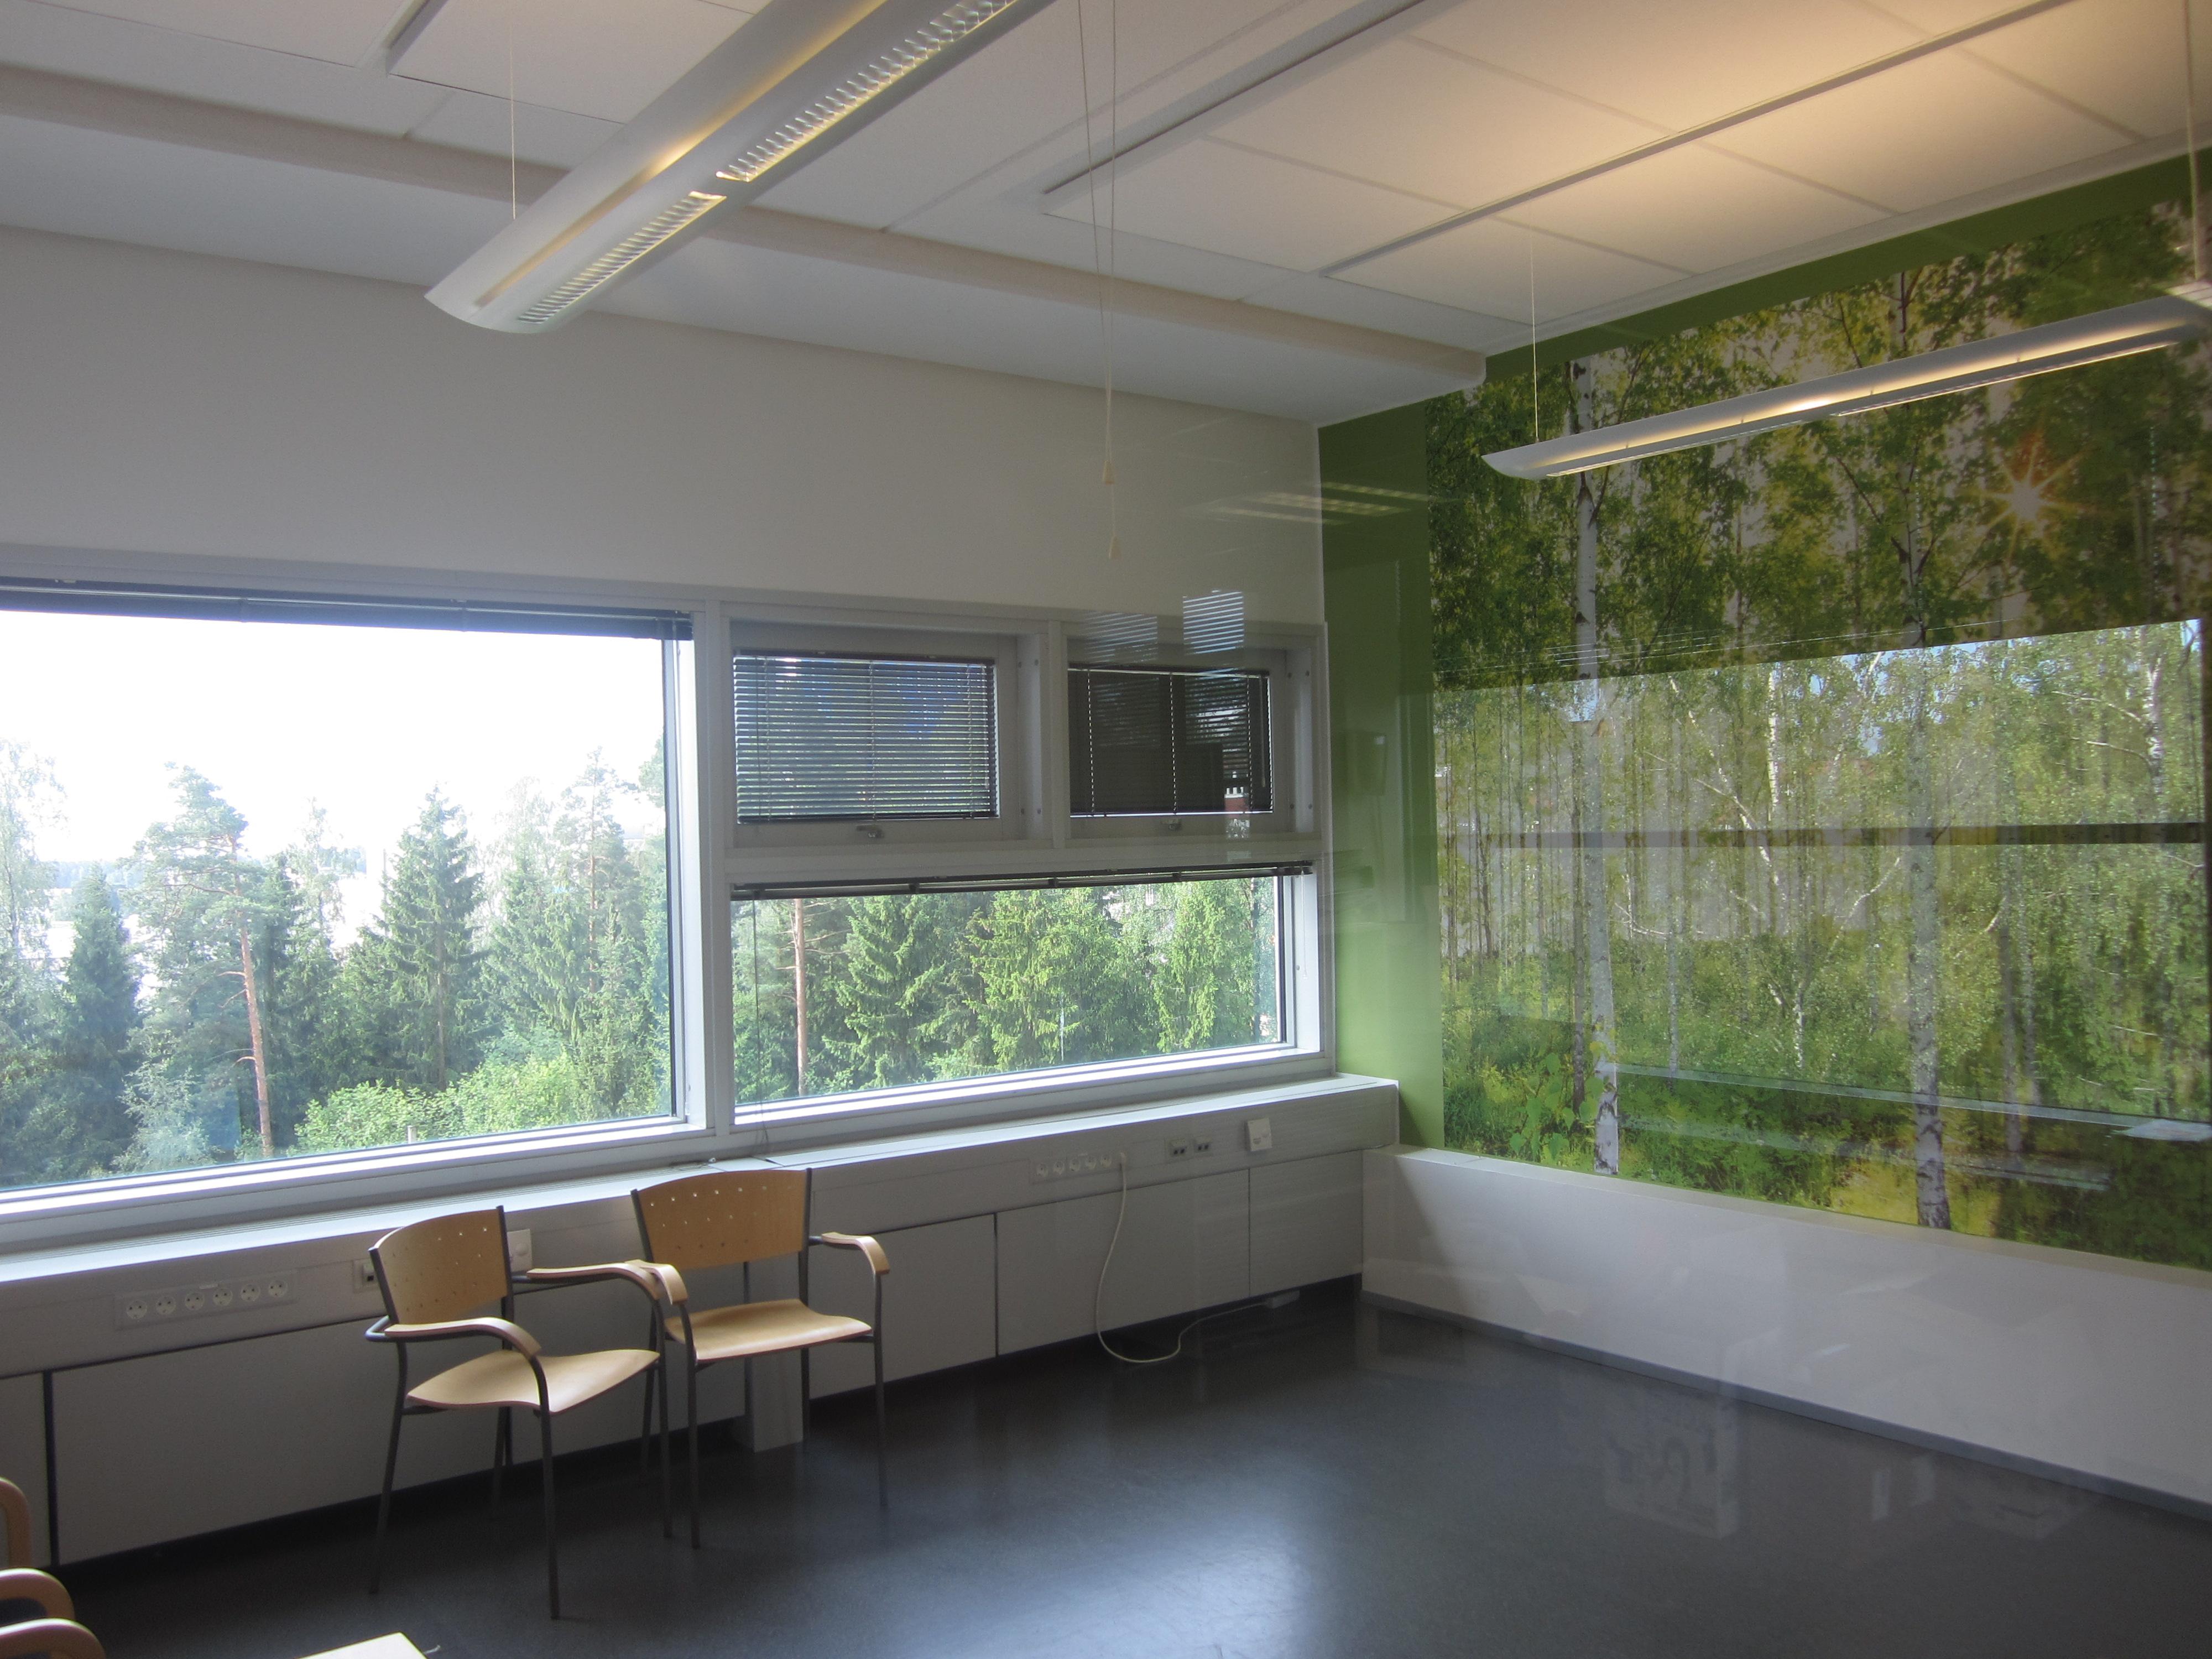 vapaata toimistotilaa espoo keilaranta business park tilaa